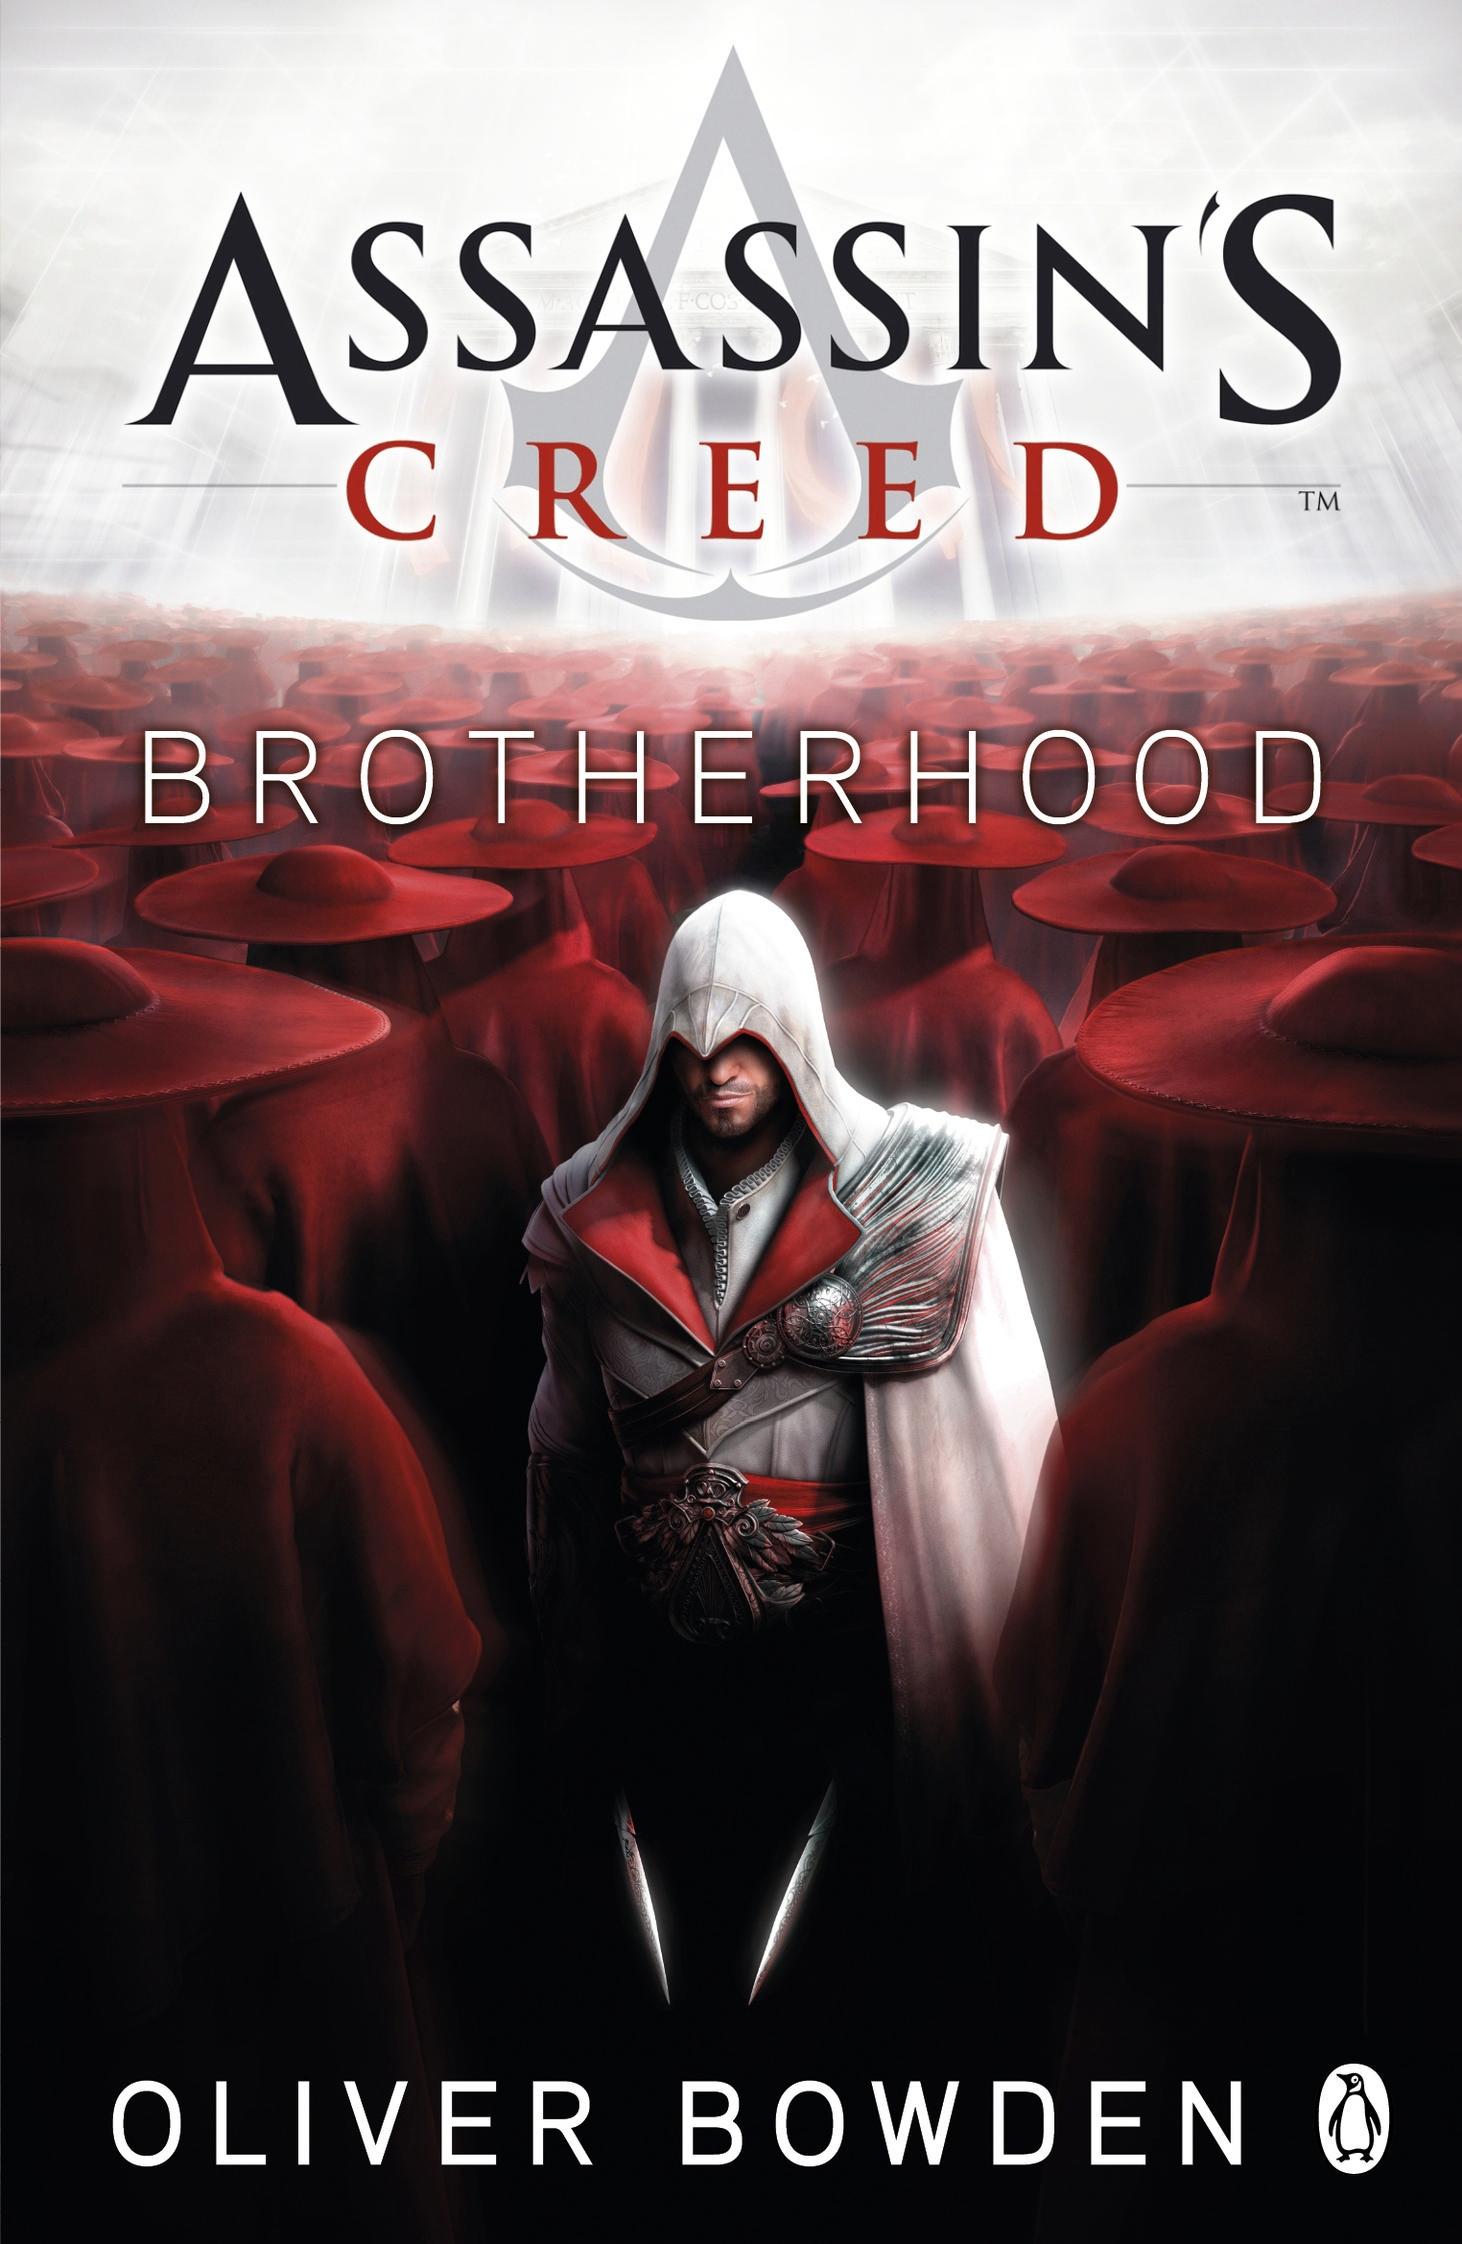 книга assassins creed brotherhood на русском скачать